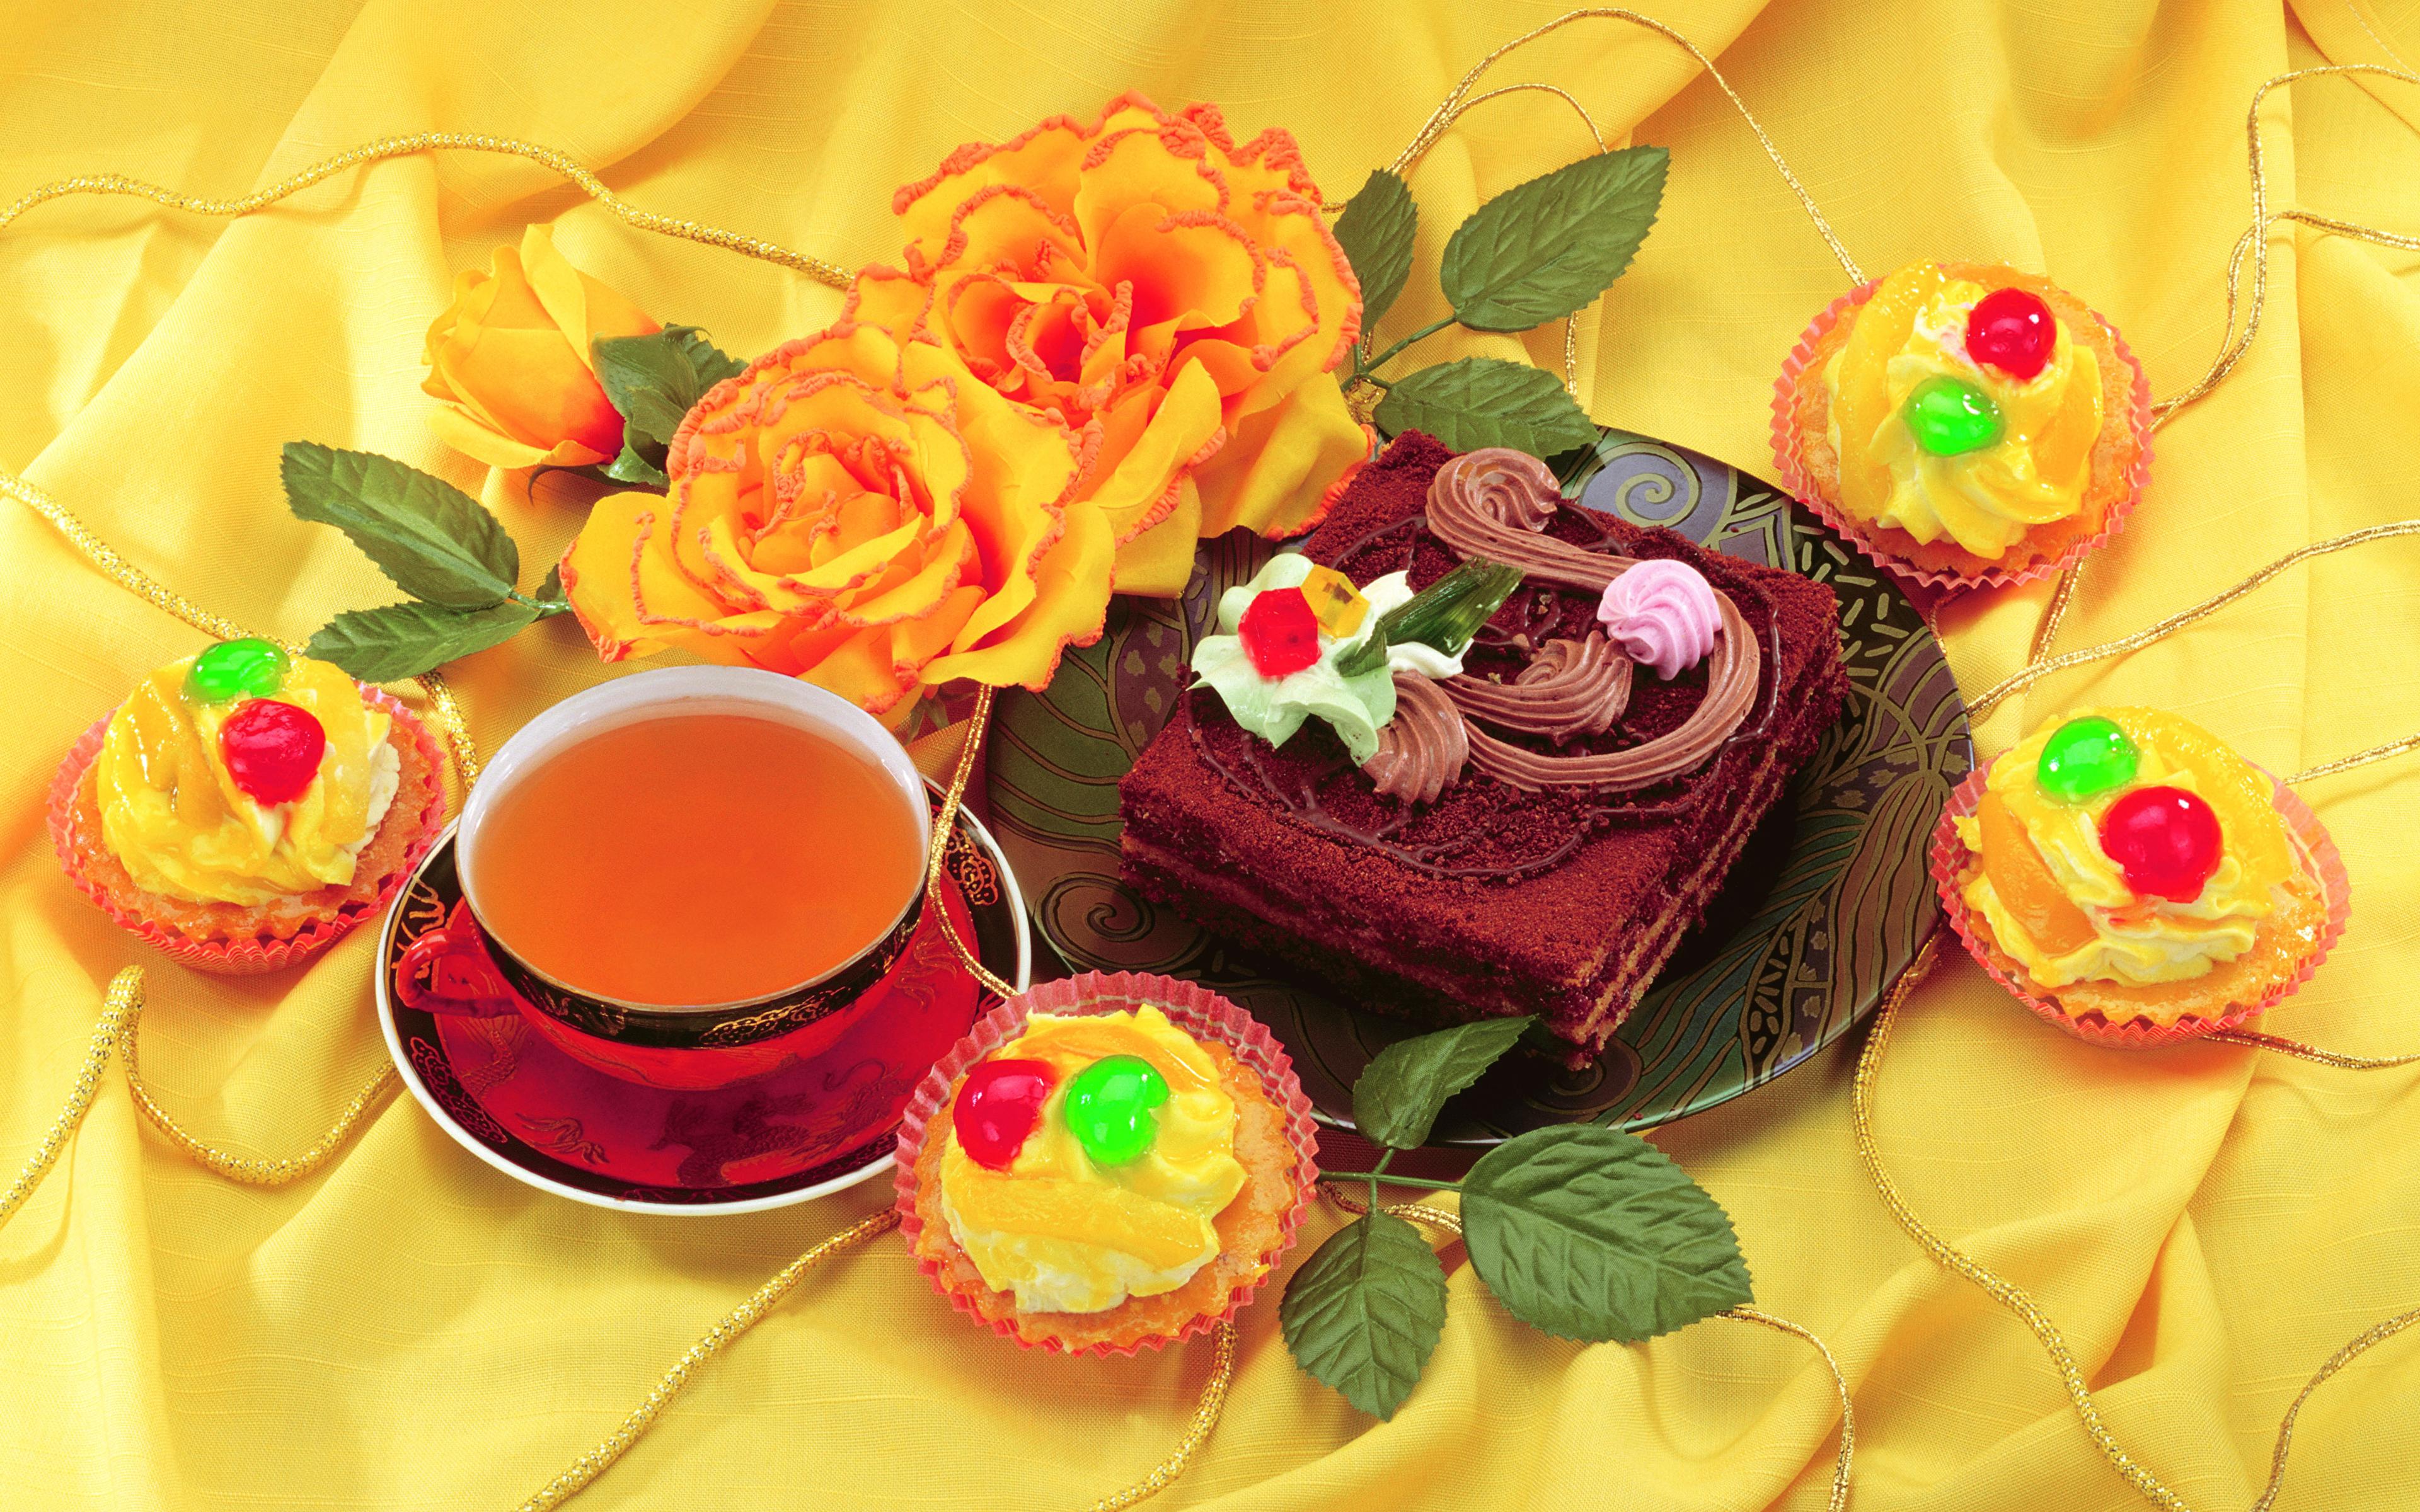 Фотографии Чай Торты Пирожное Еда Чашка Розы Натюрморт 3840x2400 Пища чашке Продукты питания роза